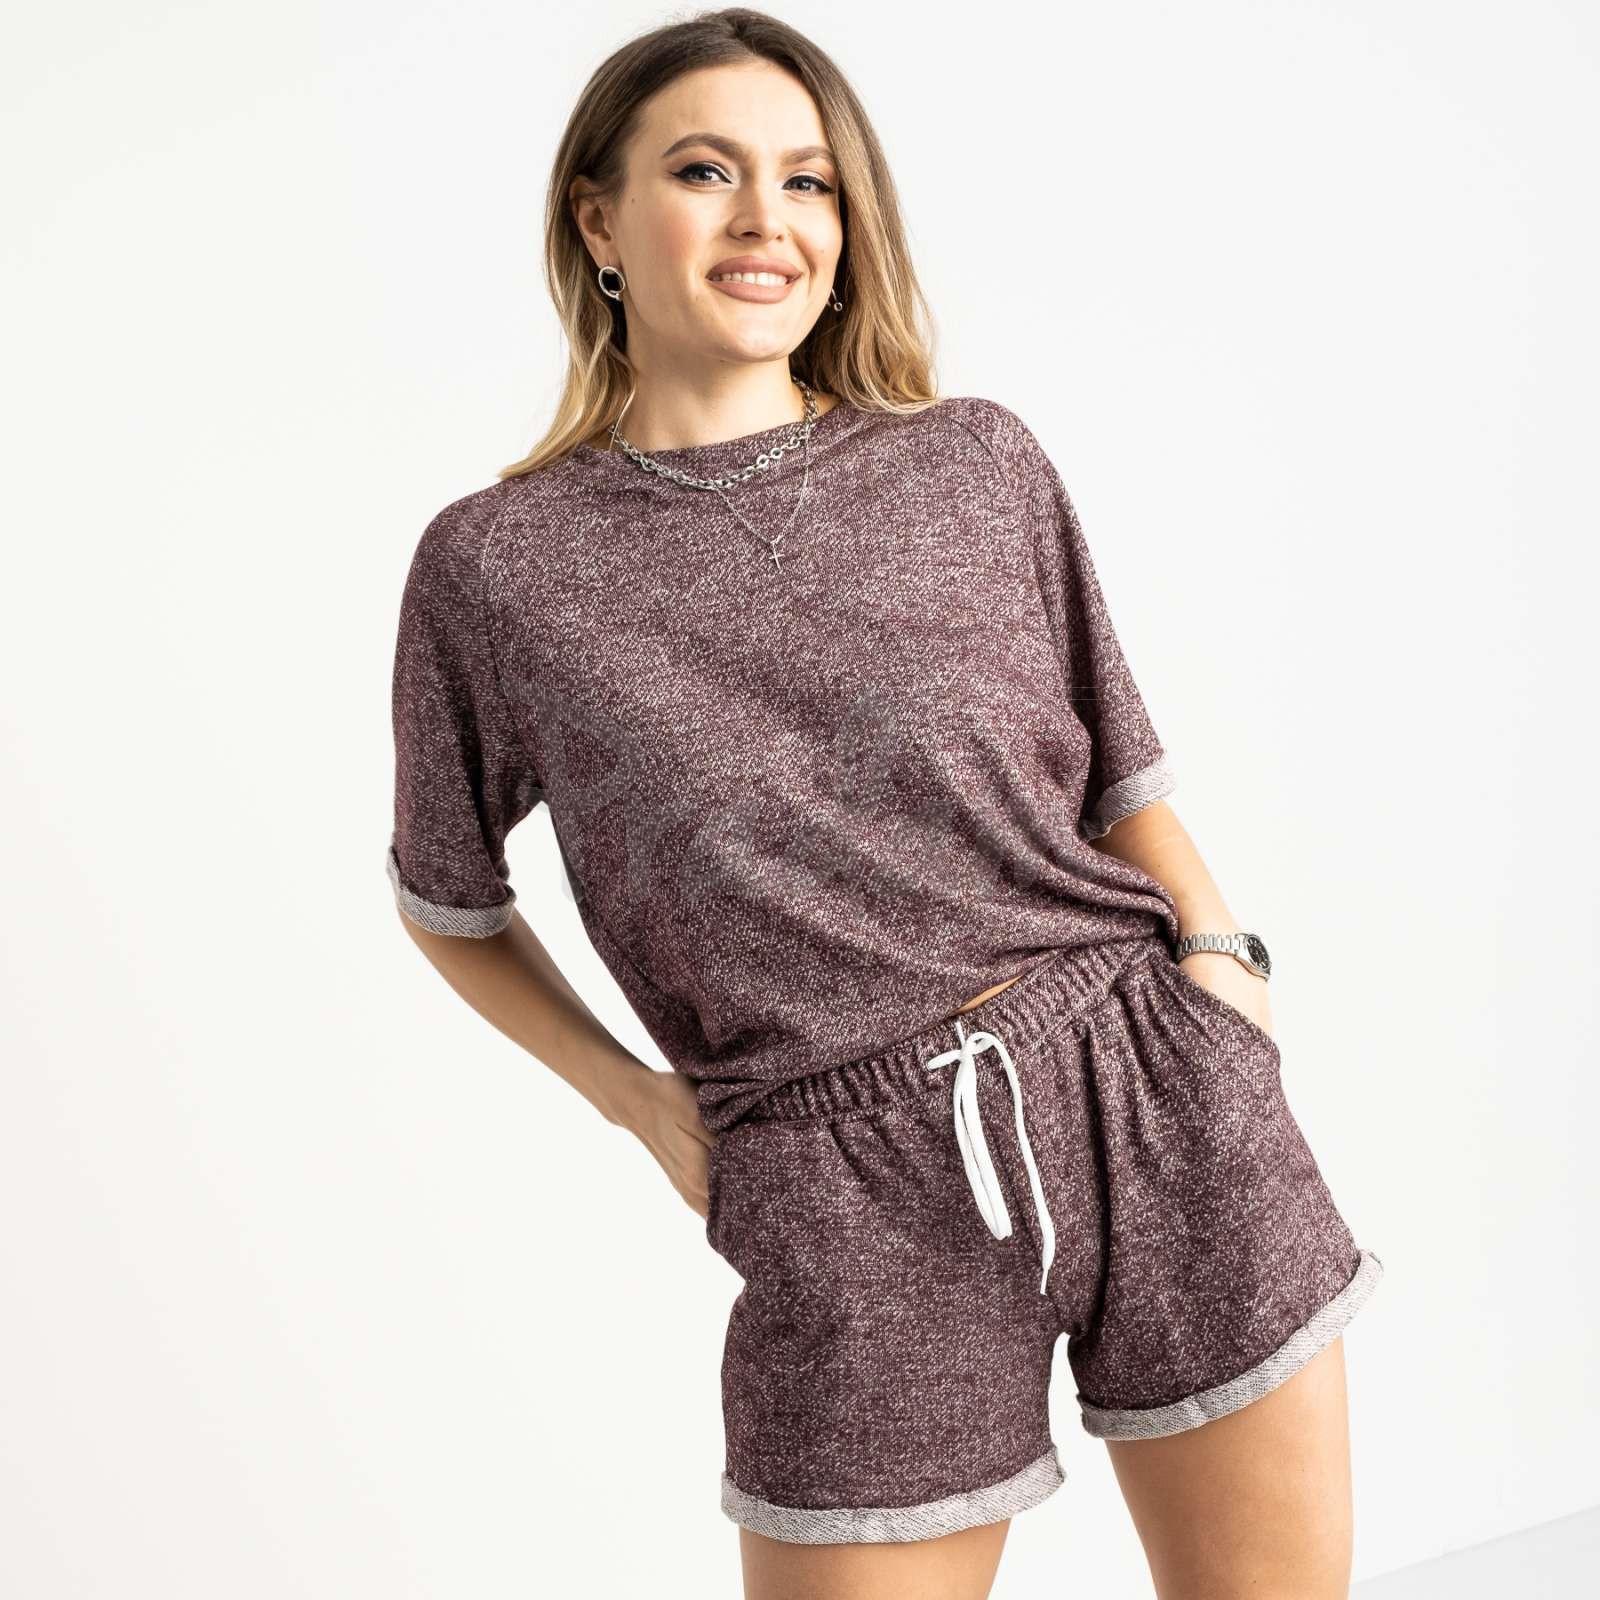 1444-5 Mishely бордовый женский спортивный костюм с шортами (4 ед. размеры: S.M.L.XL)